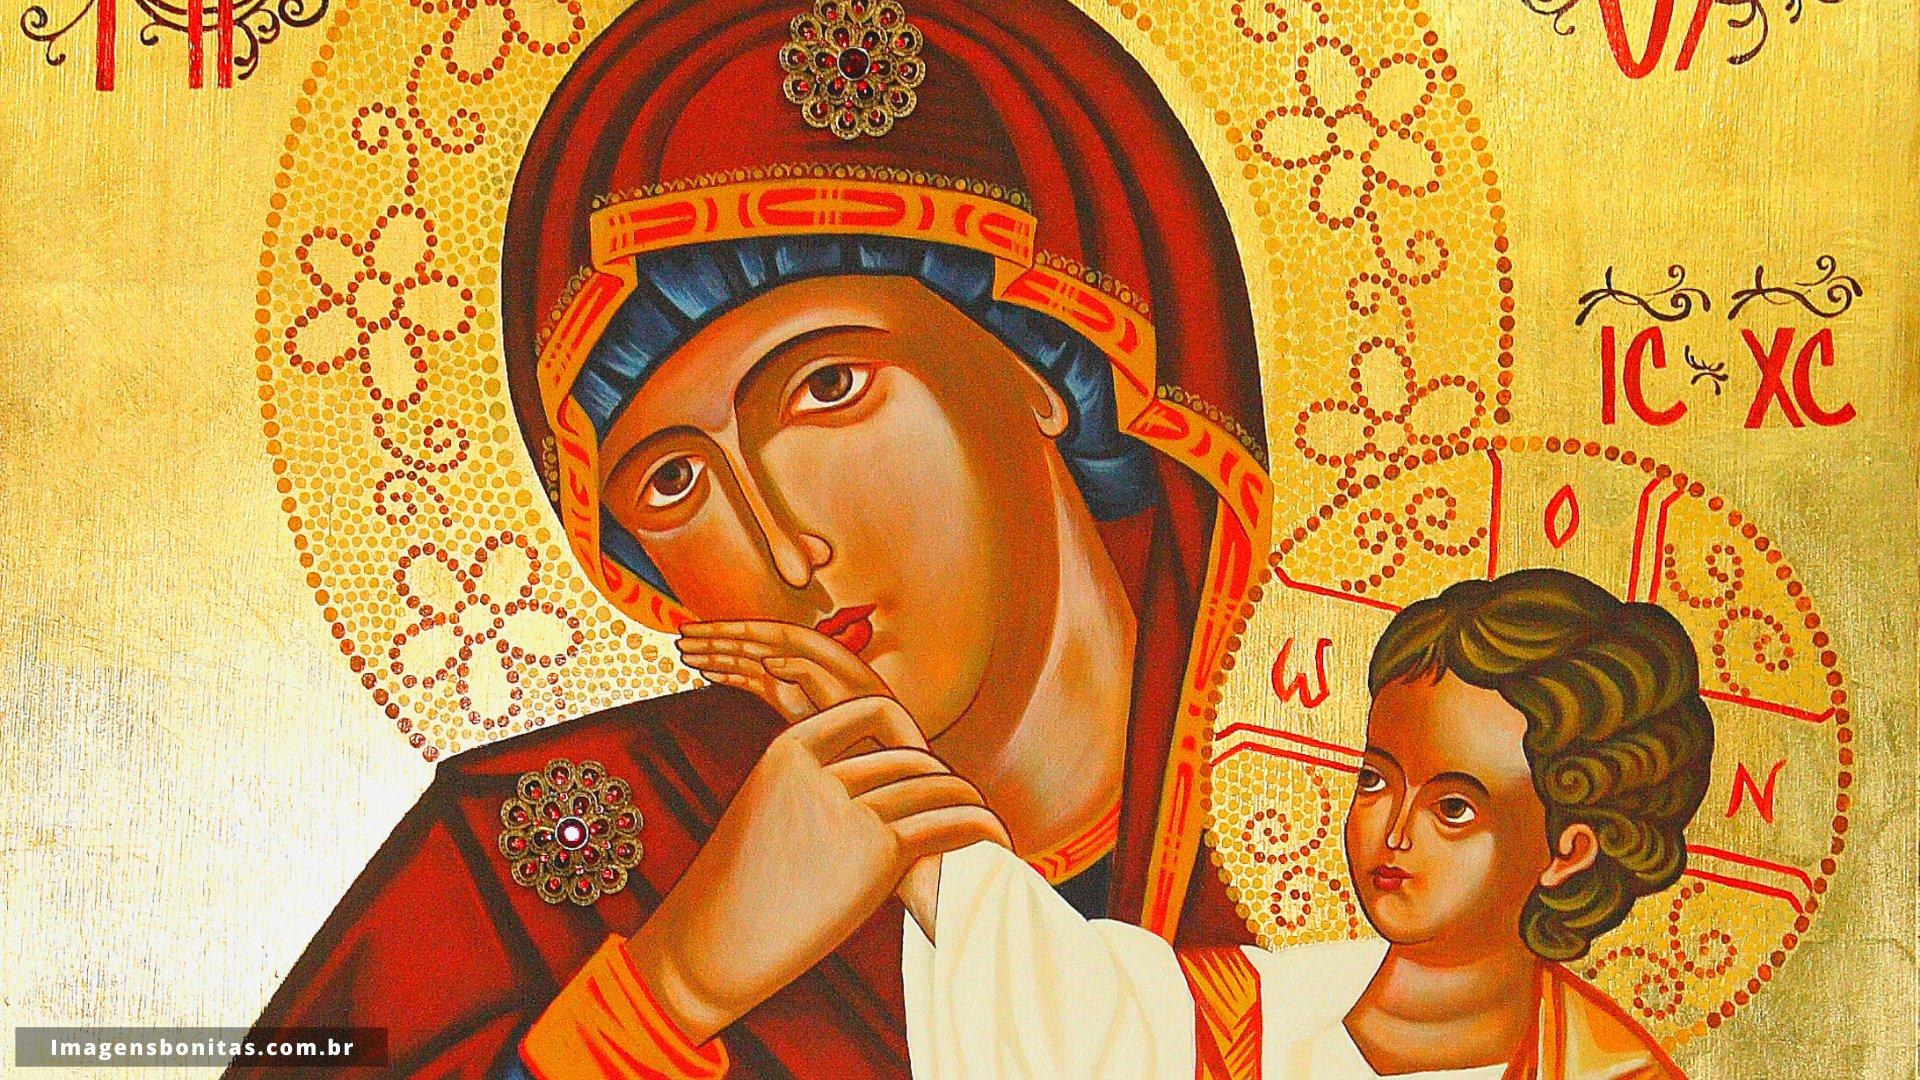 Wallpaper da Virgem Maria com o Menino Jesus